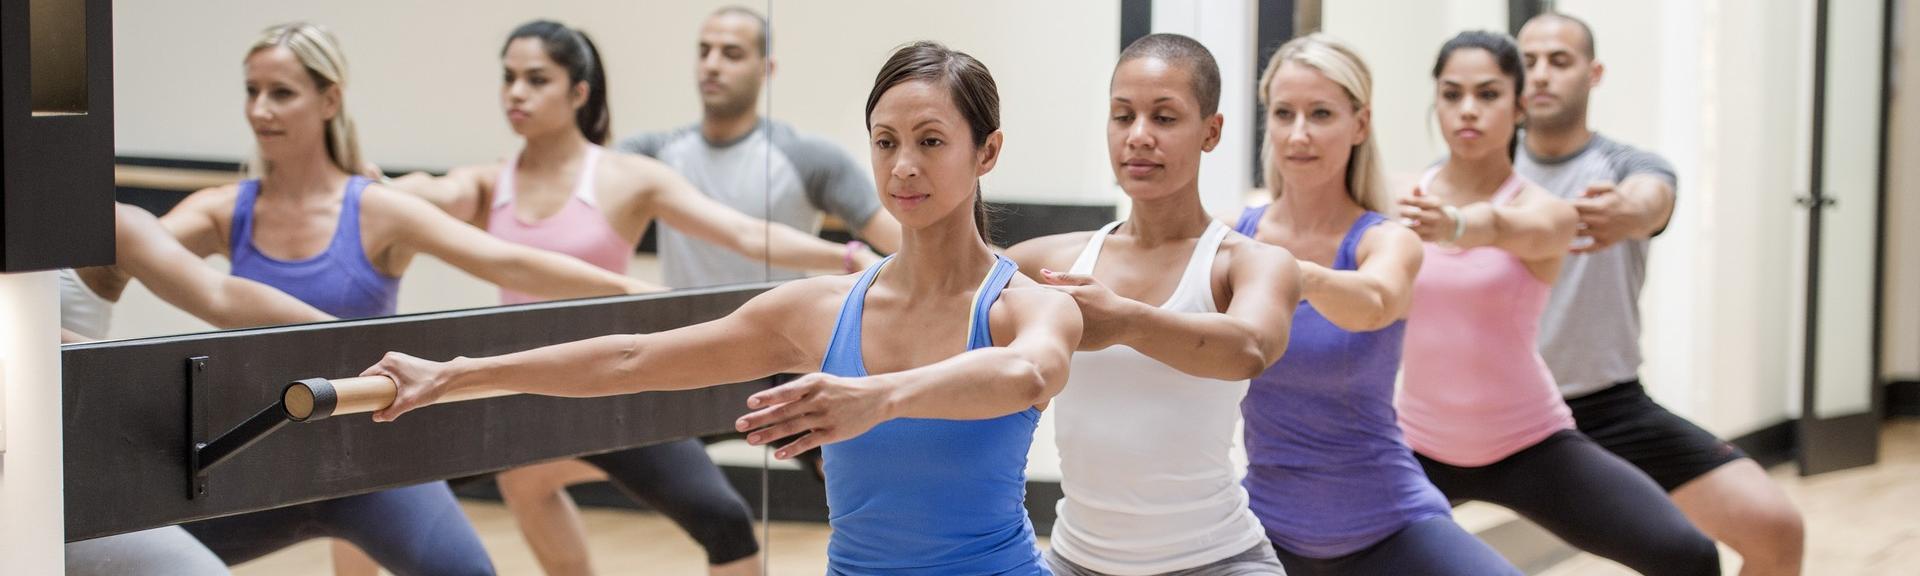 Comment trouver les activités sportives qui vous conviennent   b227f309e5d